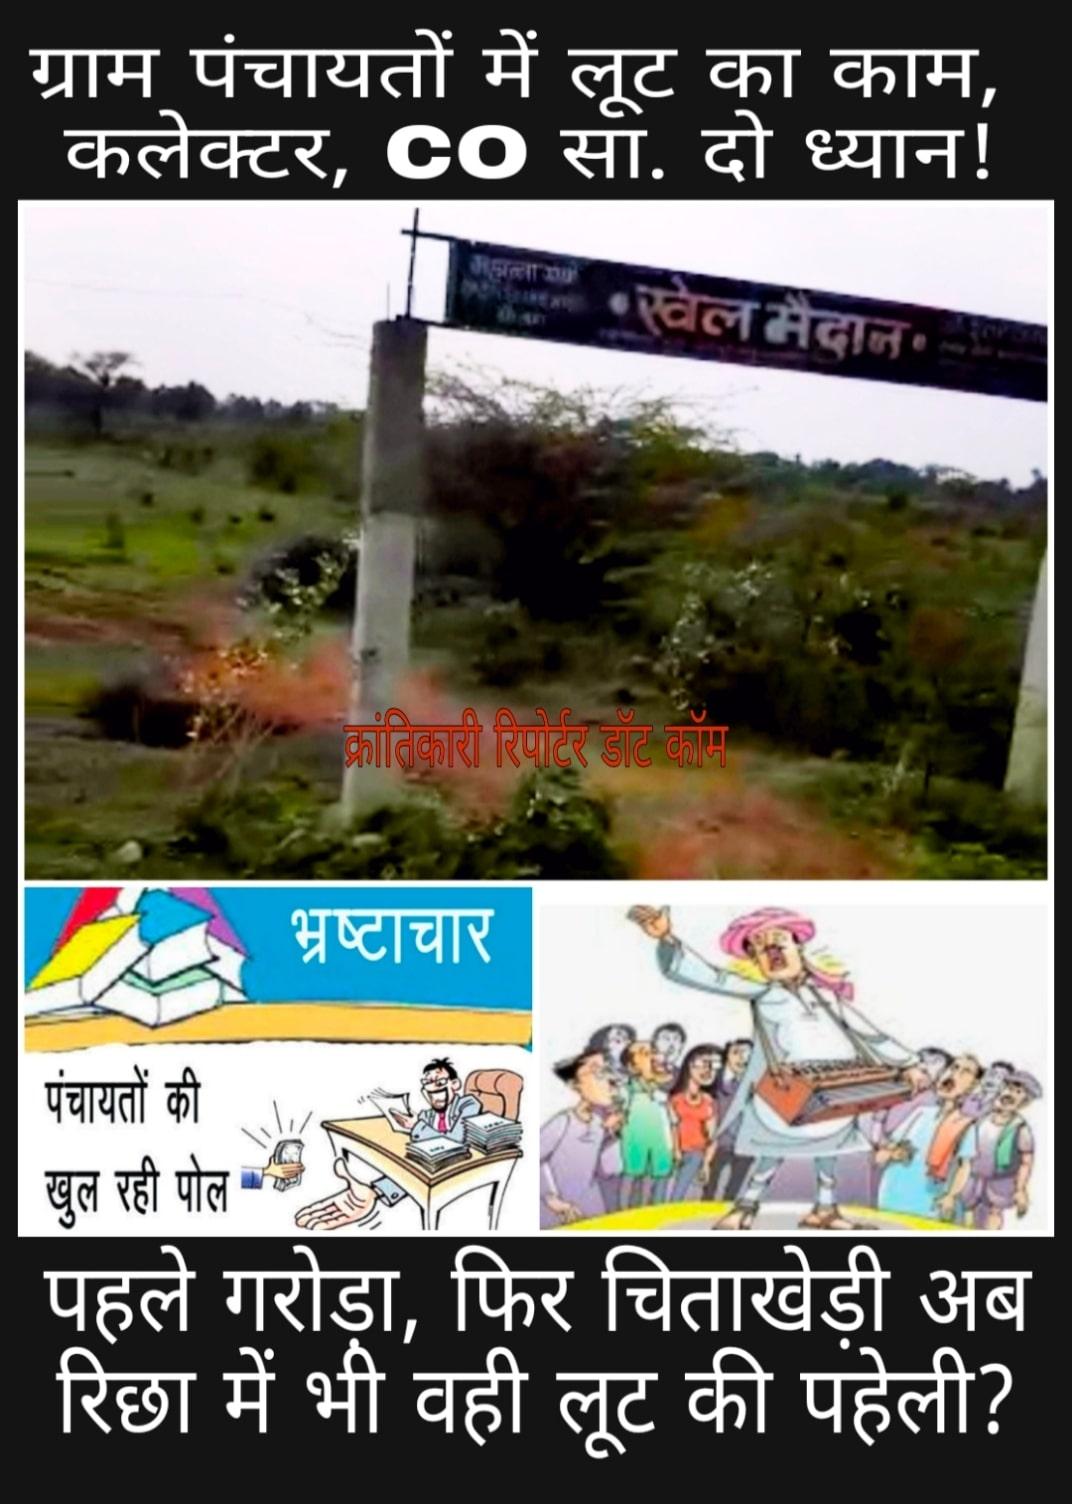 #गरोड़ा, चिताखेड़ी के बाद मल्हारगढ़ तहसील की रिछा पंचायत में भी गोलमाल हो रहा है... यहाँ तो खेल मैदान में सरपंच आदि का बड़ा खेल हो रहा है...?